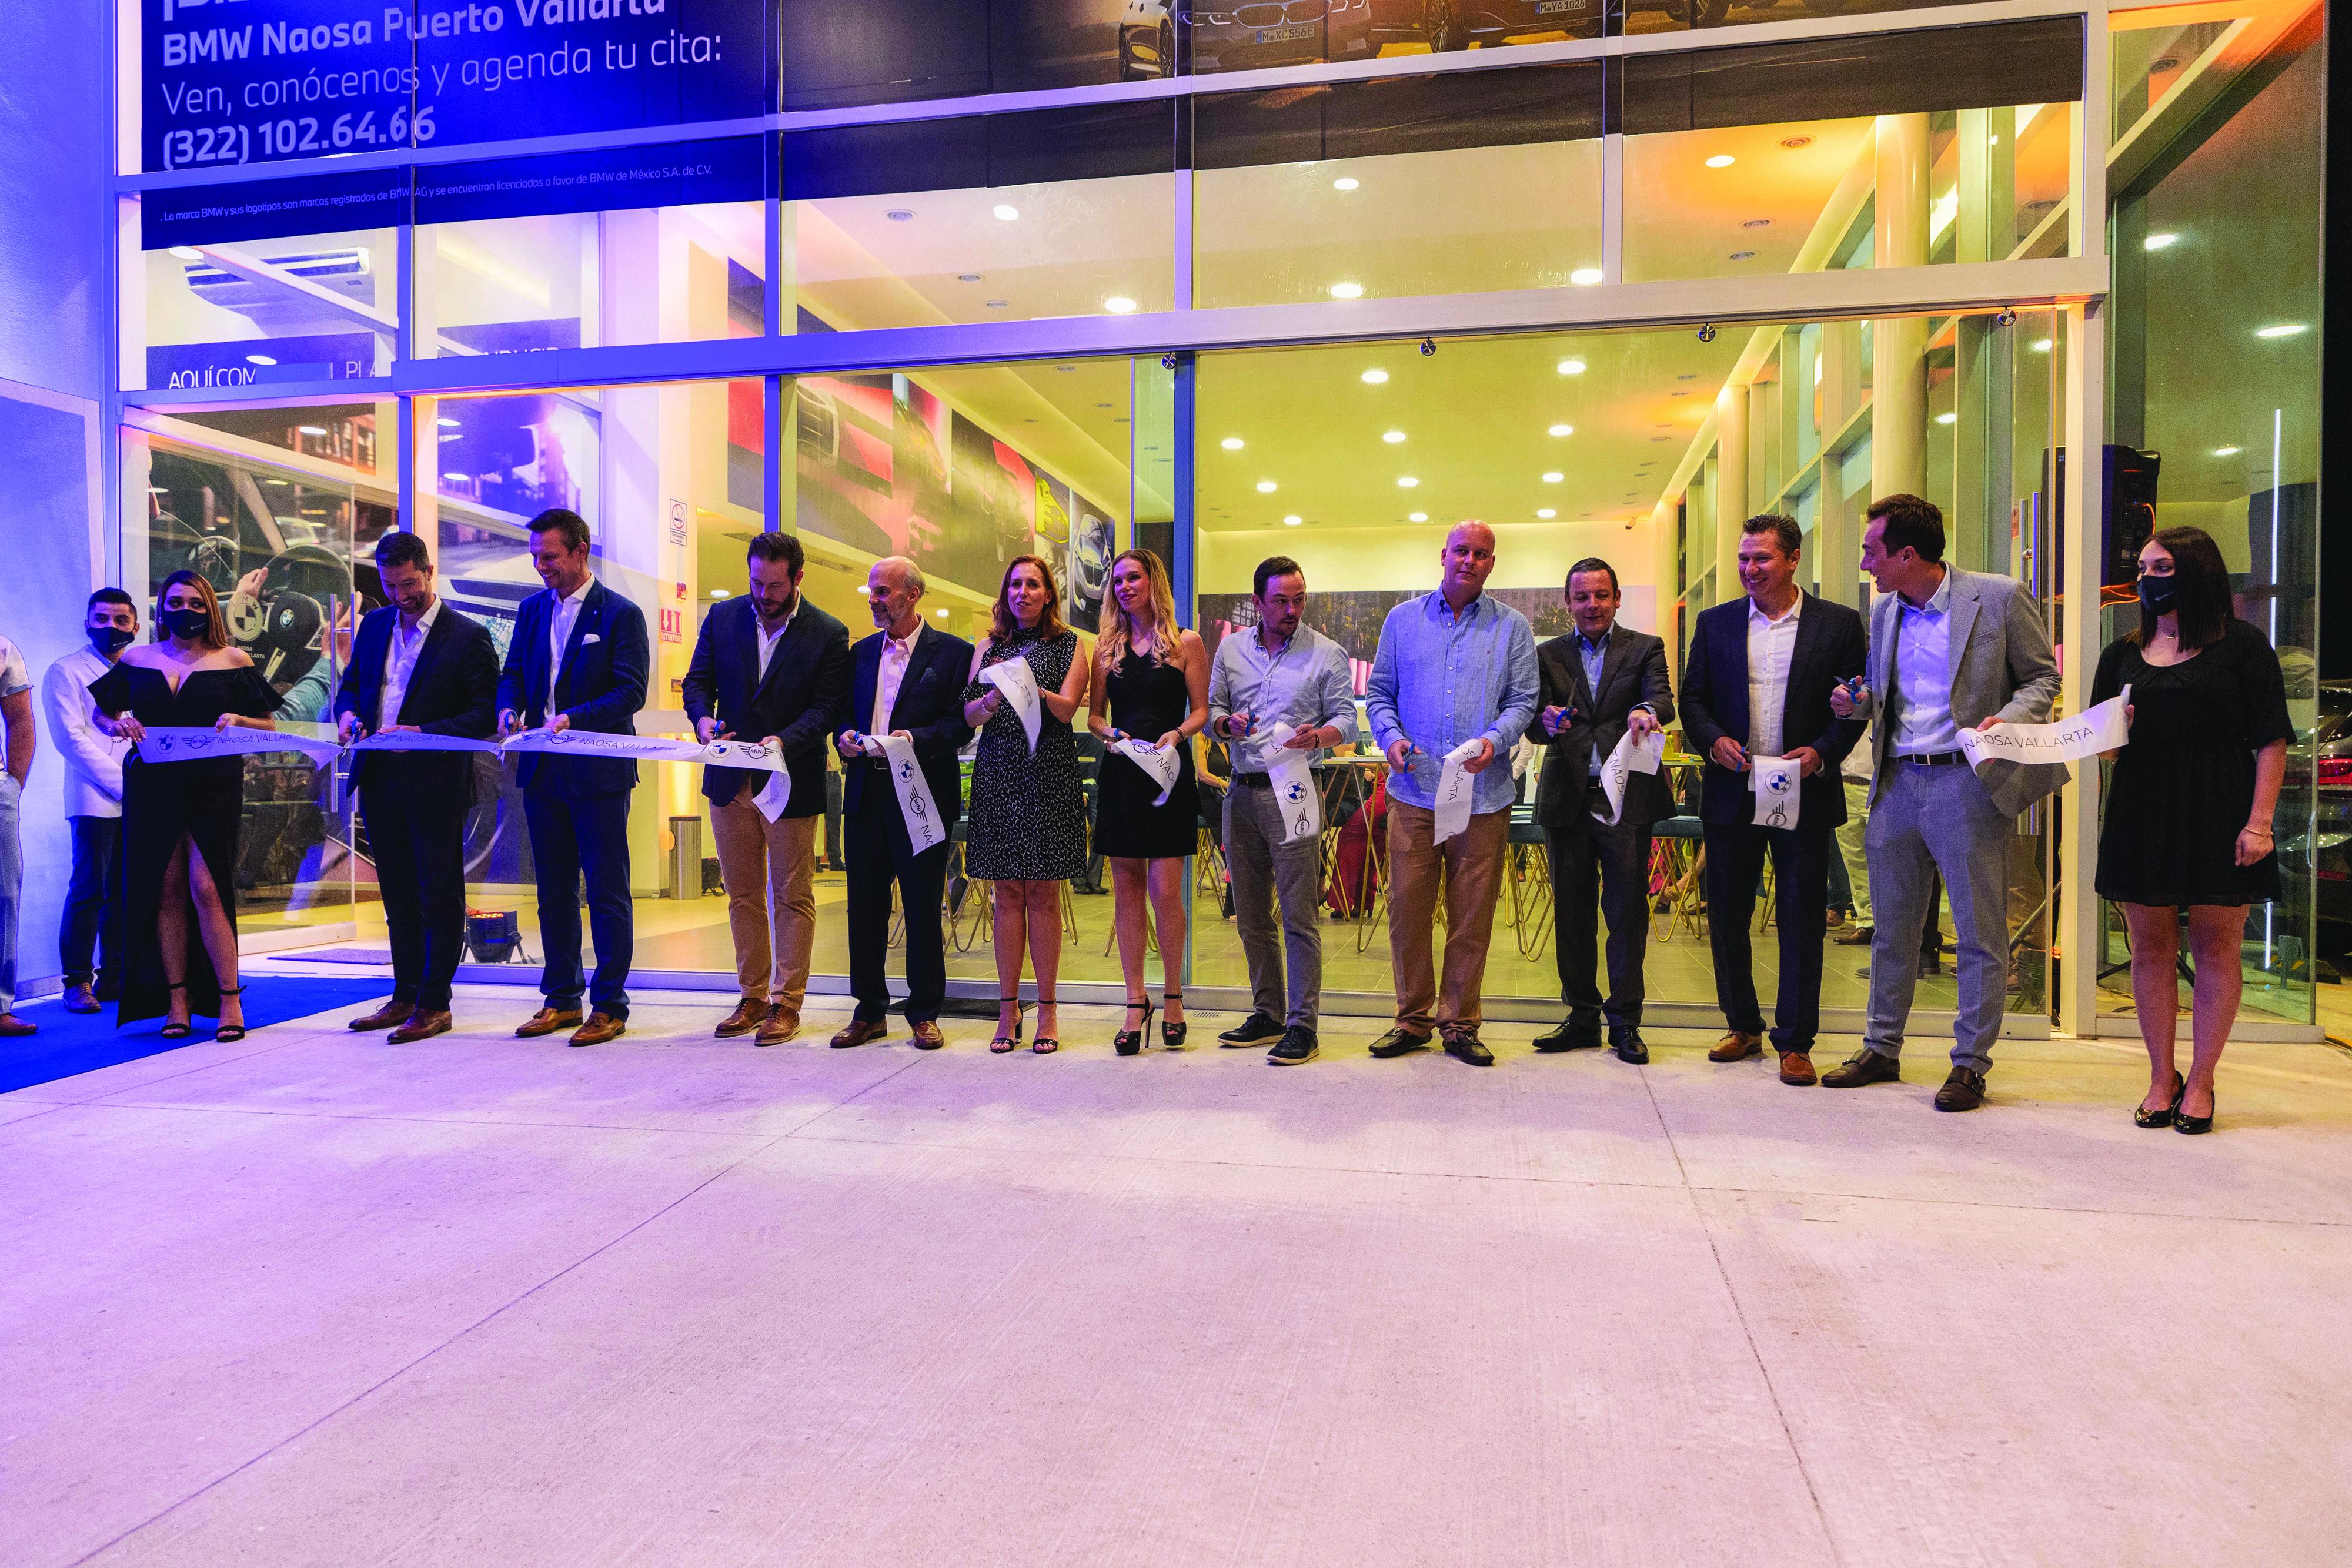 BMW Naosa Puerto Vallarta Opens